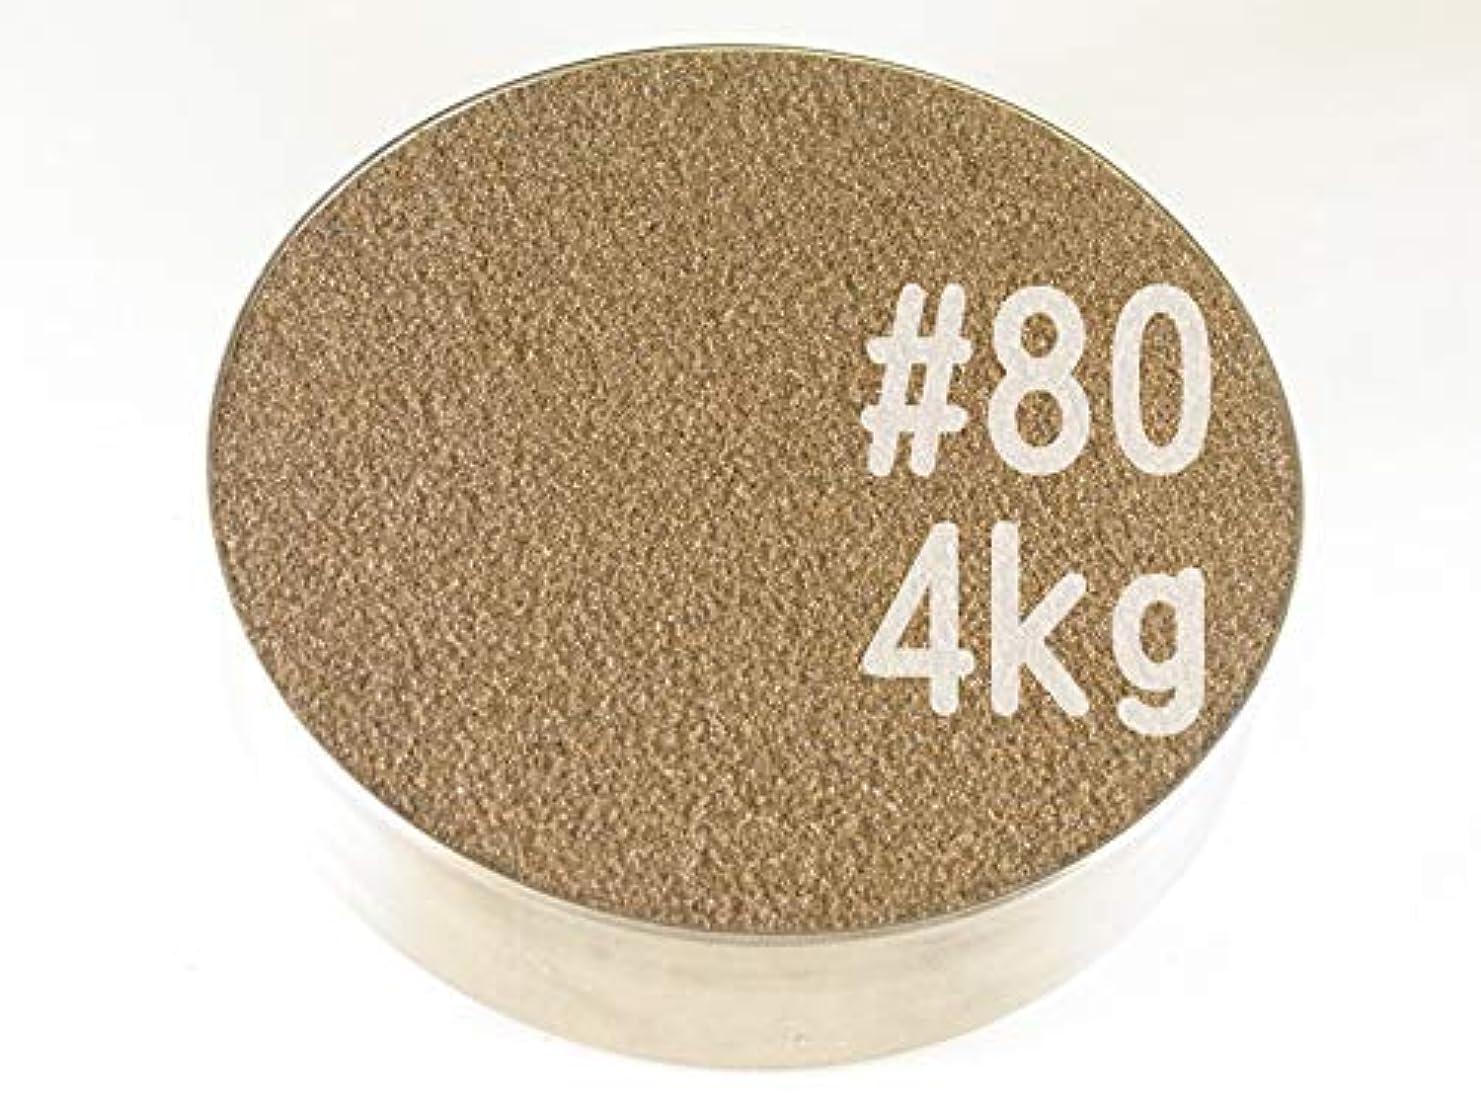 ビルダー軽開発する#80 (4kg) アルミナサンド/アルミナメディア/砂/褐色アルミナ サンドブラスト用(番手サイズは7種類から #40#60#80#100#120#180#220 )